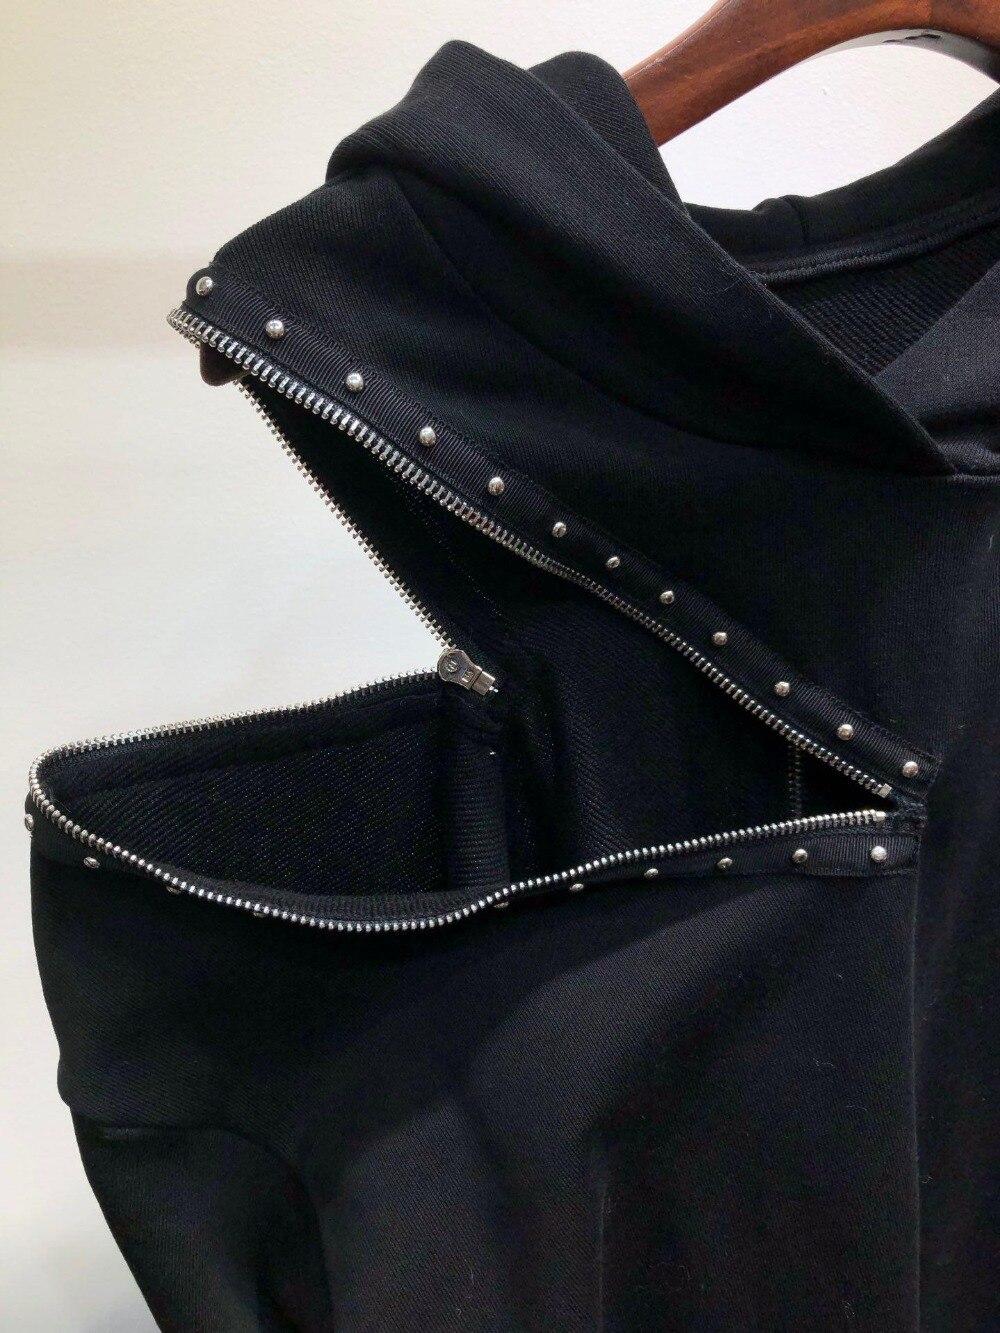 Nail Piste Longues Décontracté À 2019 Pull Zippée Spring Mode Manches Sweat amp; Lady De Femmes Hoodies 0307 Noir A4085q0